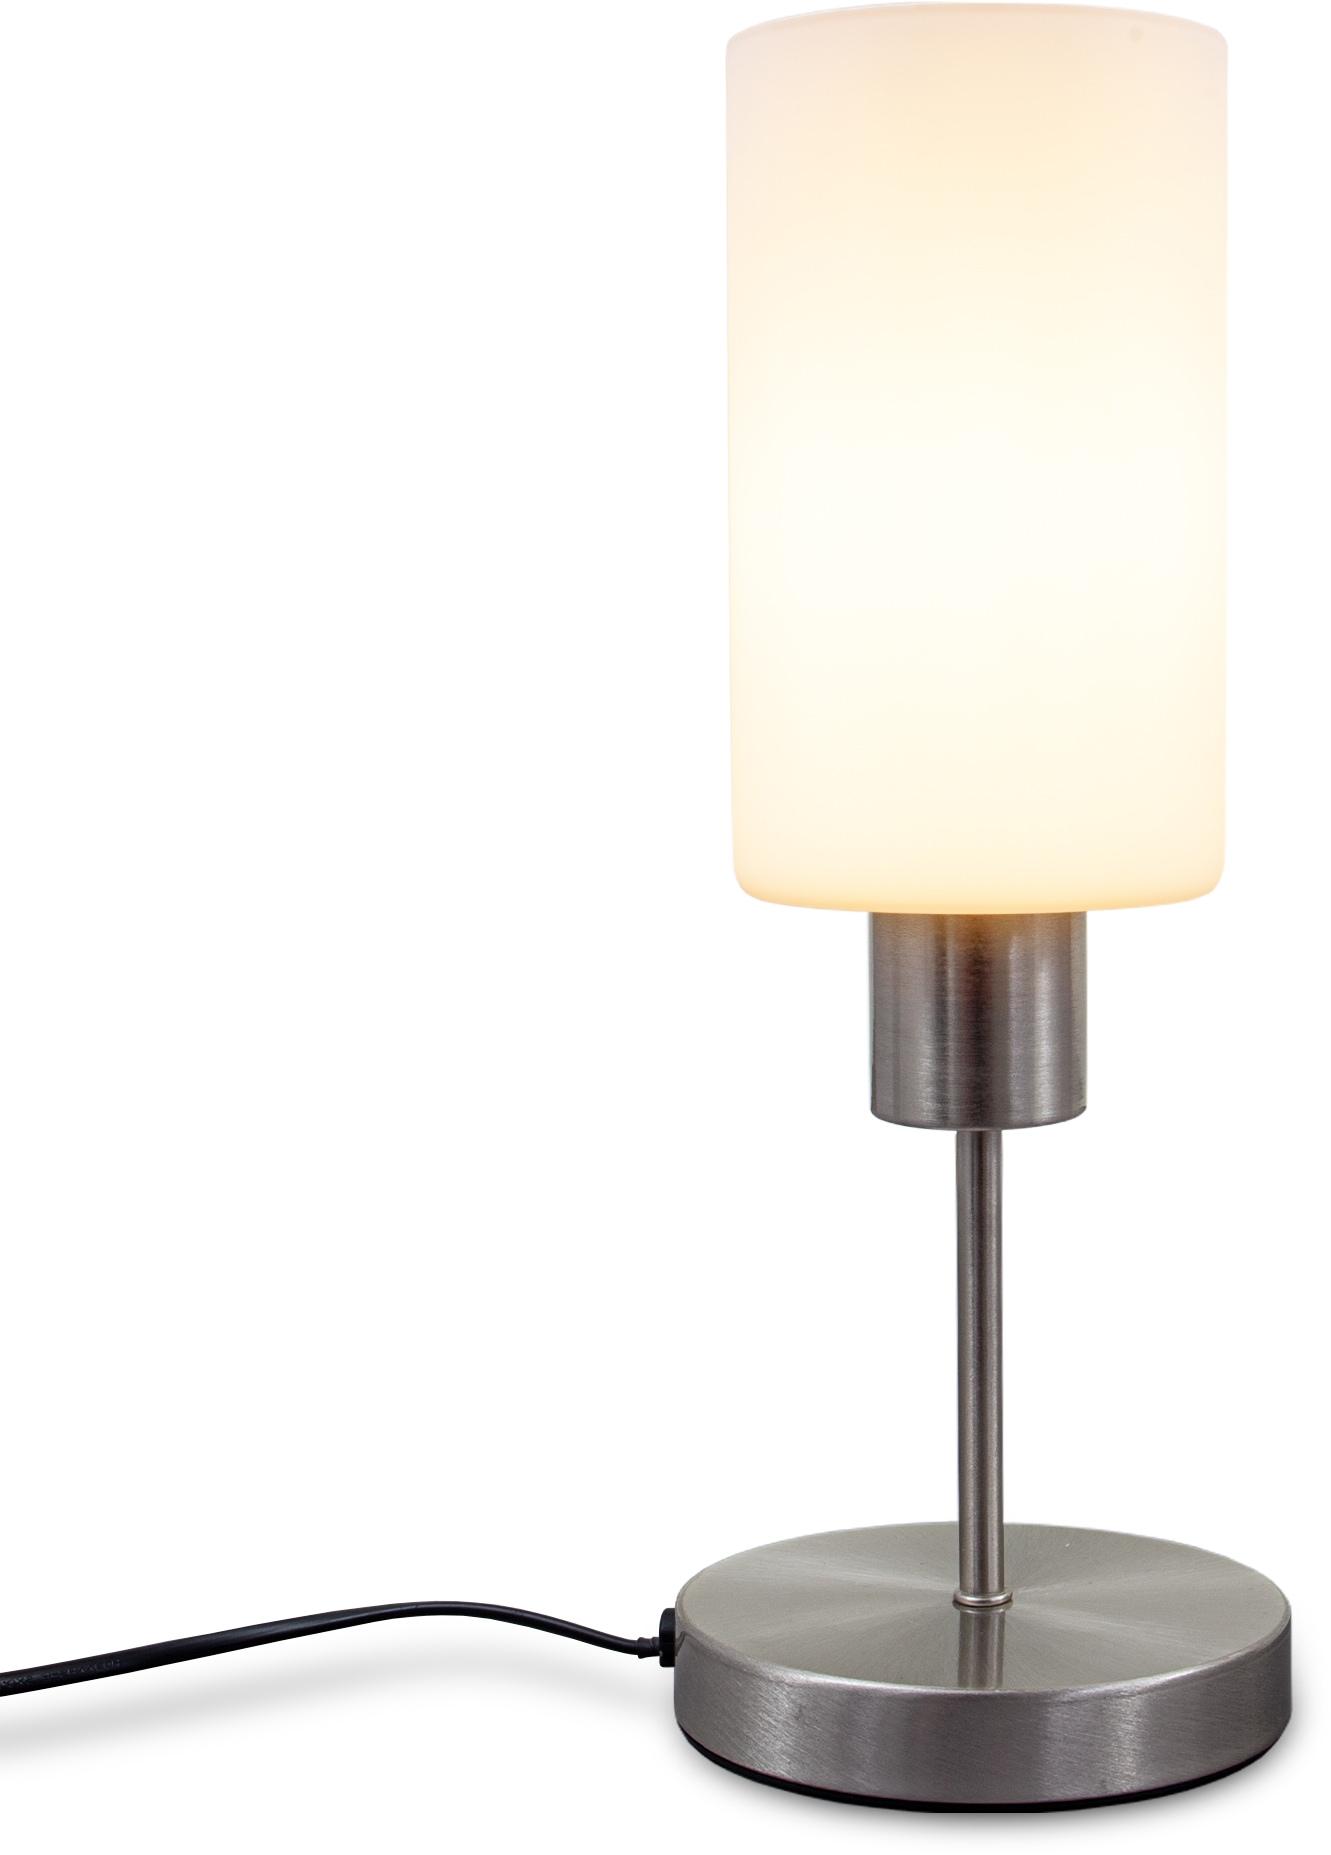 B.K.Licht Tischleuchte, E27, 1 St., Tischlampe E27 mit Kabelschalter 3-stufig dimmbar über Touchdimmer Glaslampe ohne Leuchtmittel max. 25W